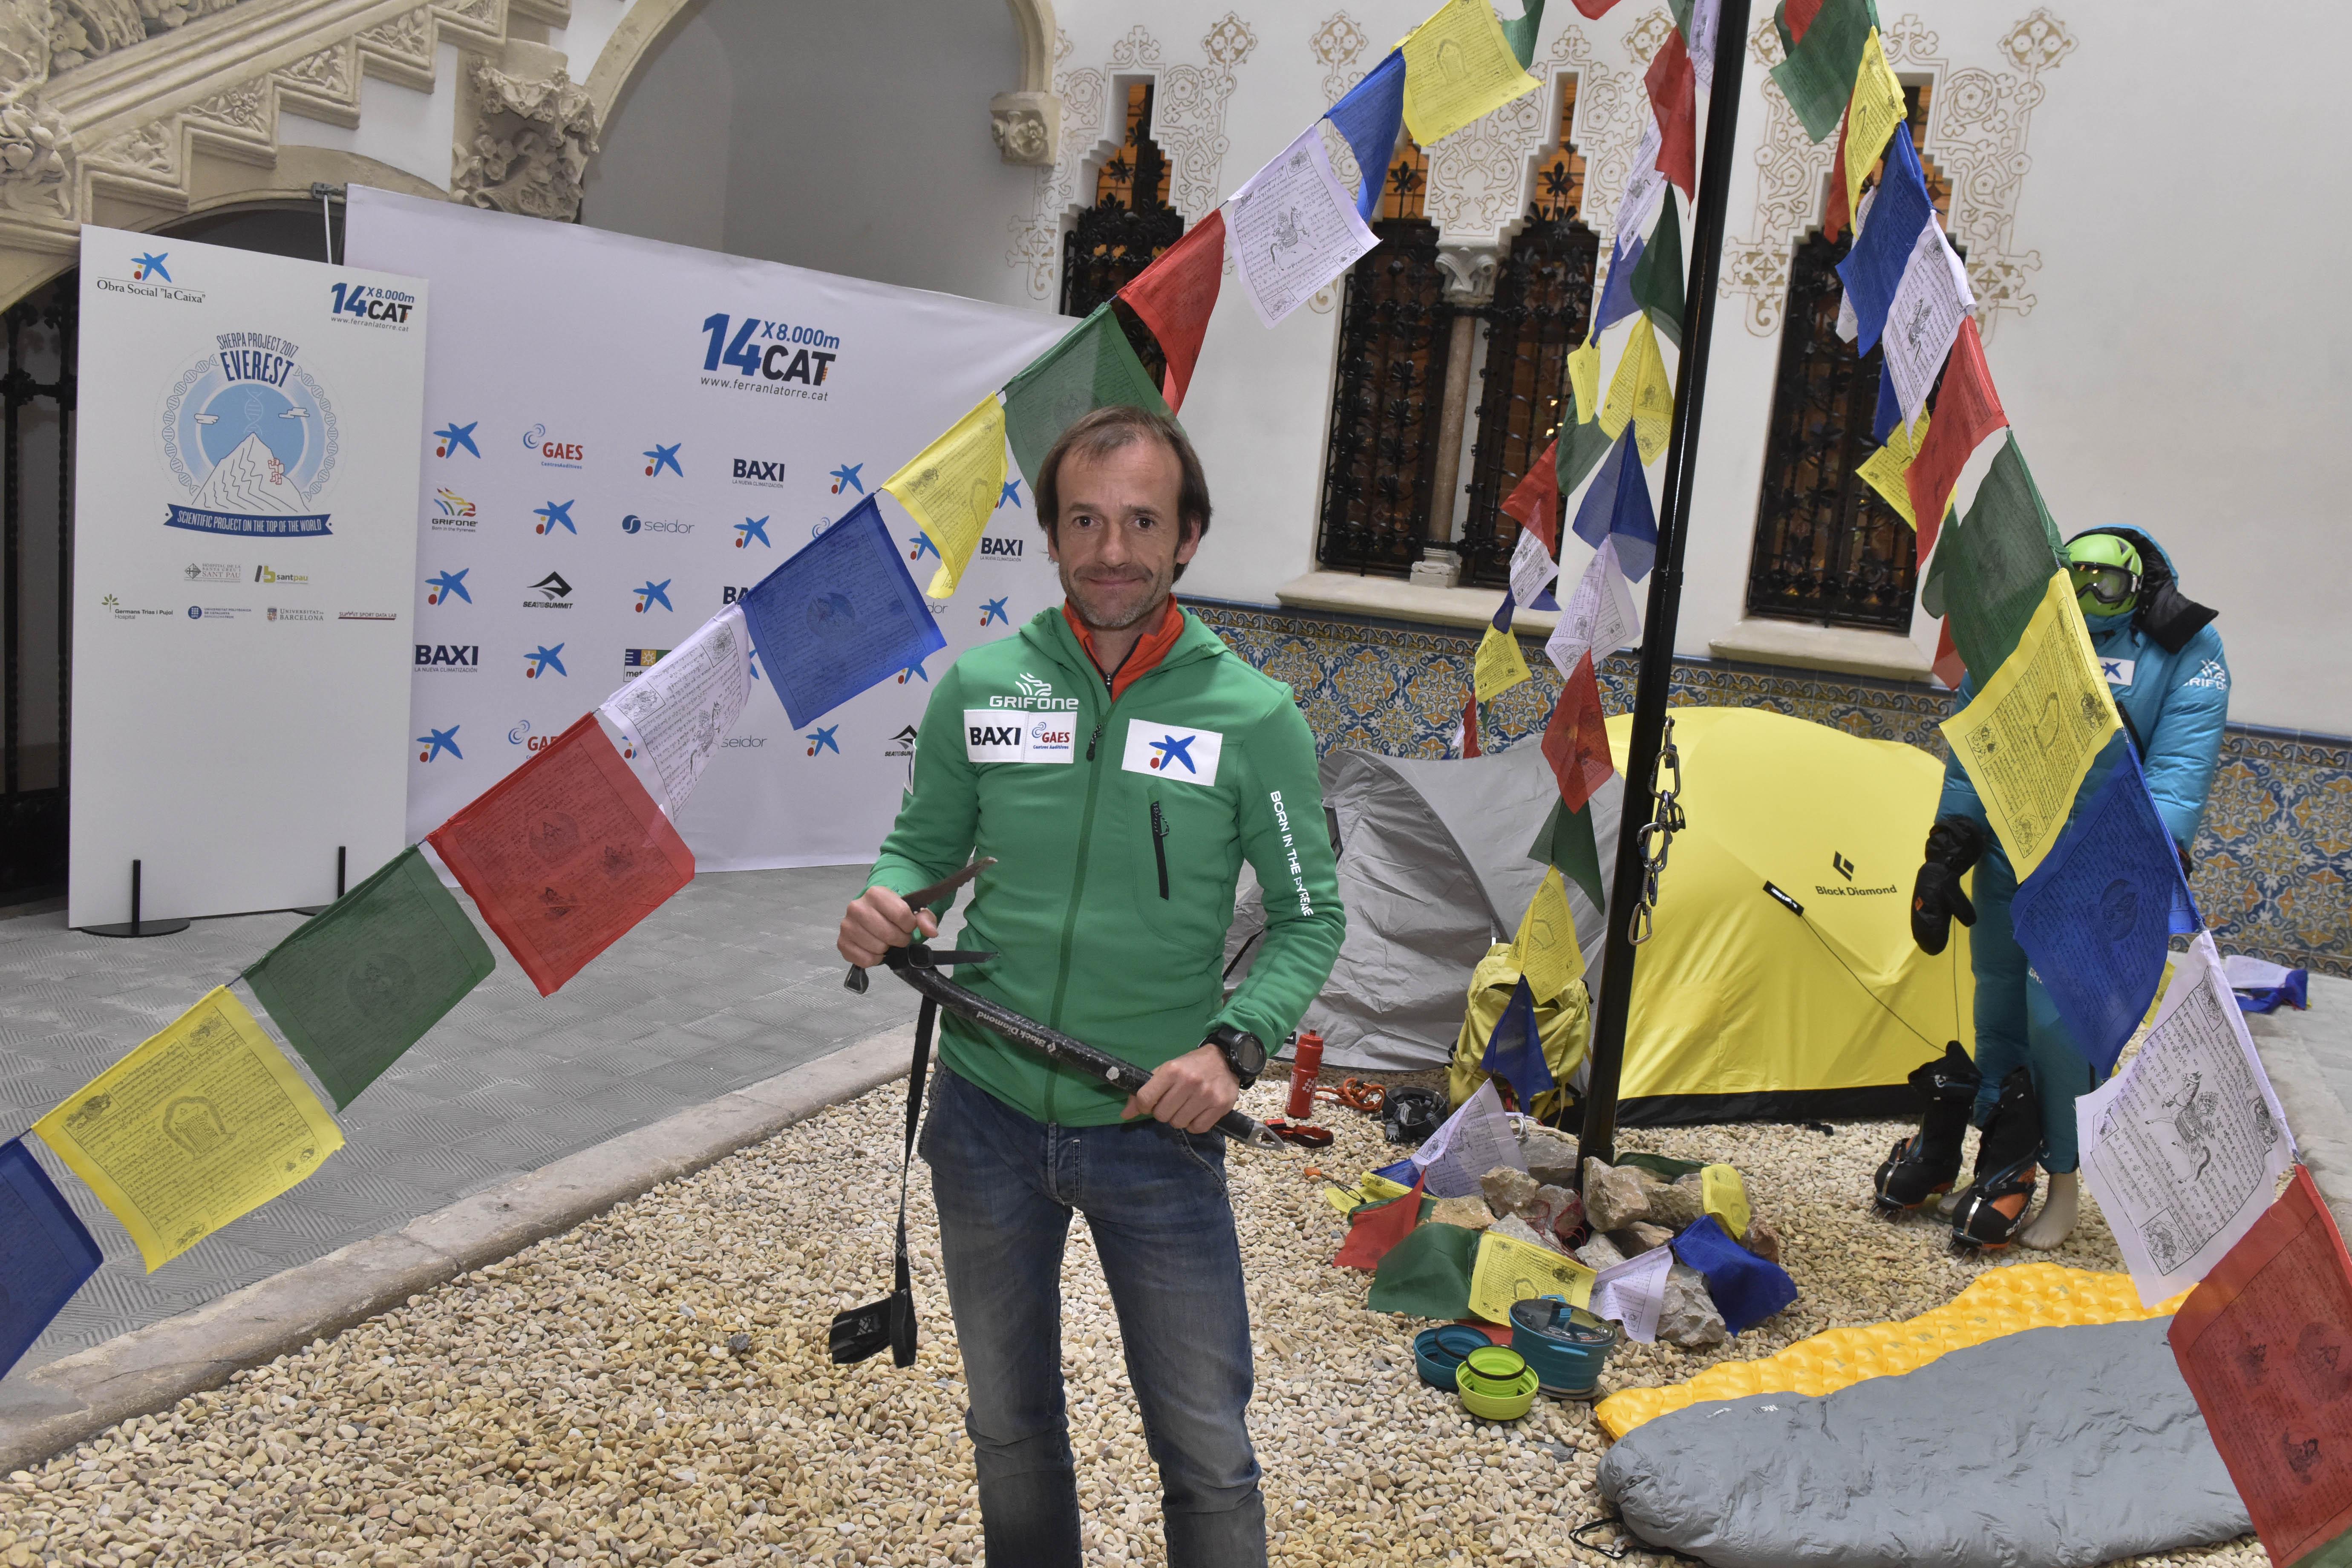 el-dia-9-d-abril-l-alpinista-ferran-latorre-inicia-una-expedicio-que-el-portara-a-coronar-el-seu-darrer-8-000-l-everest-de (1)